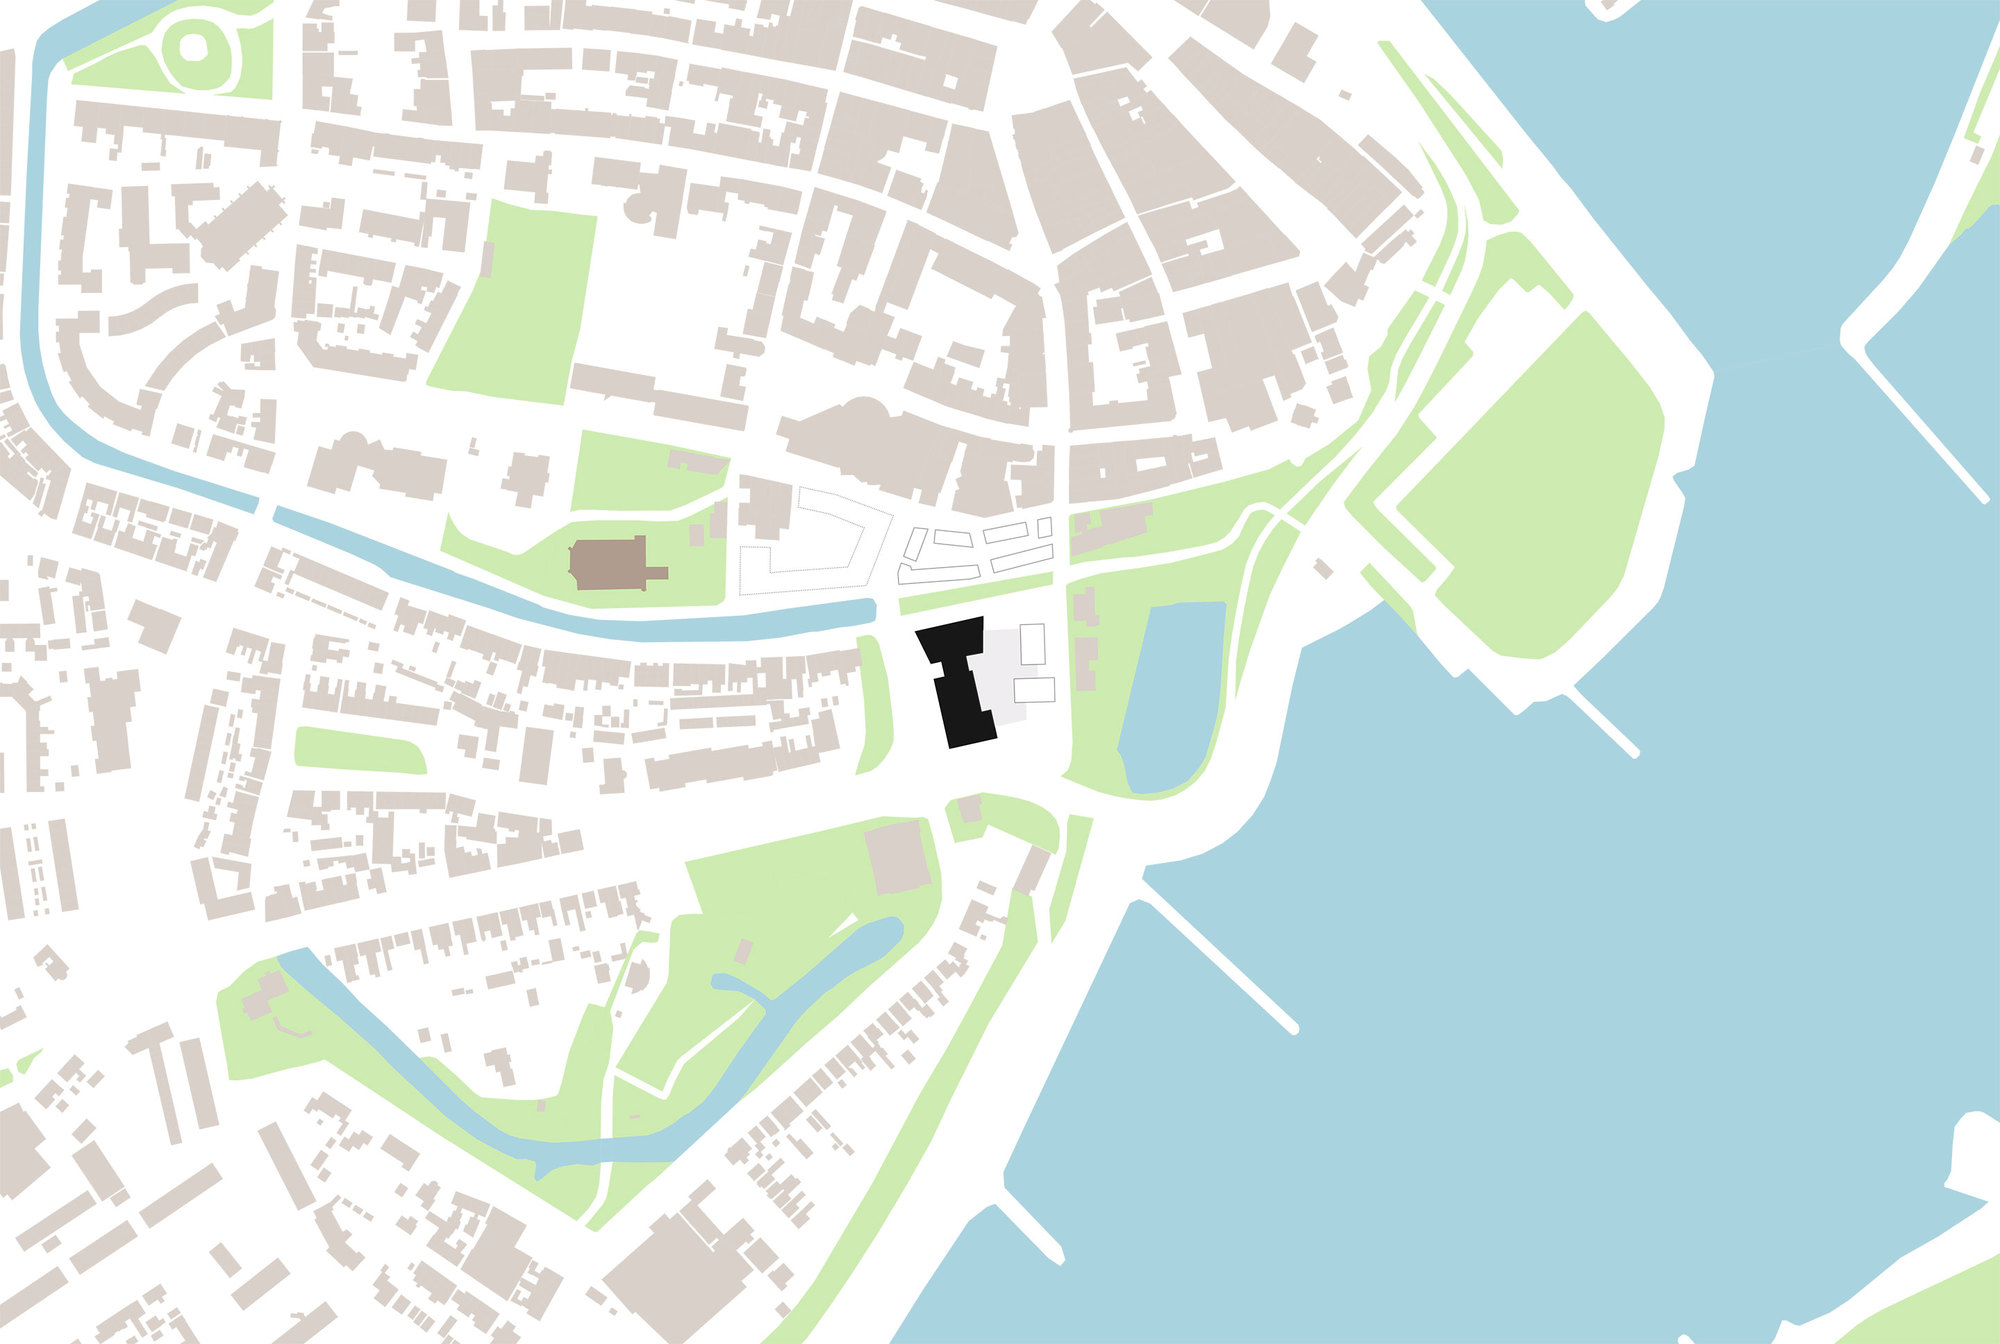 Zinder Cultural Center De Zwarte Hond ArchDaily